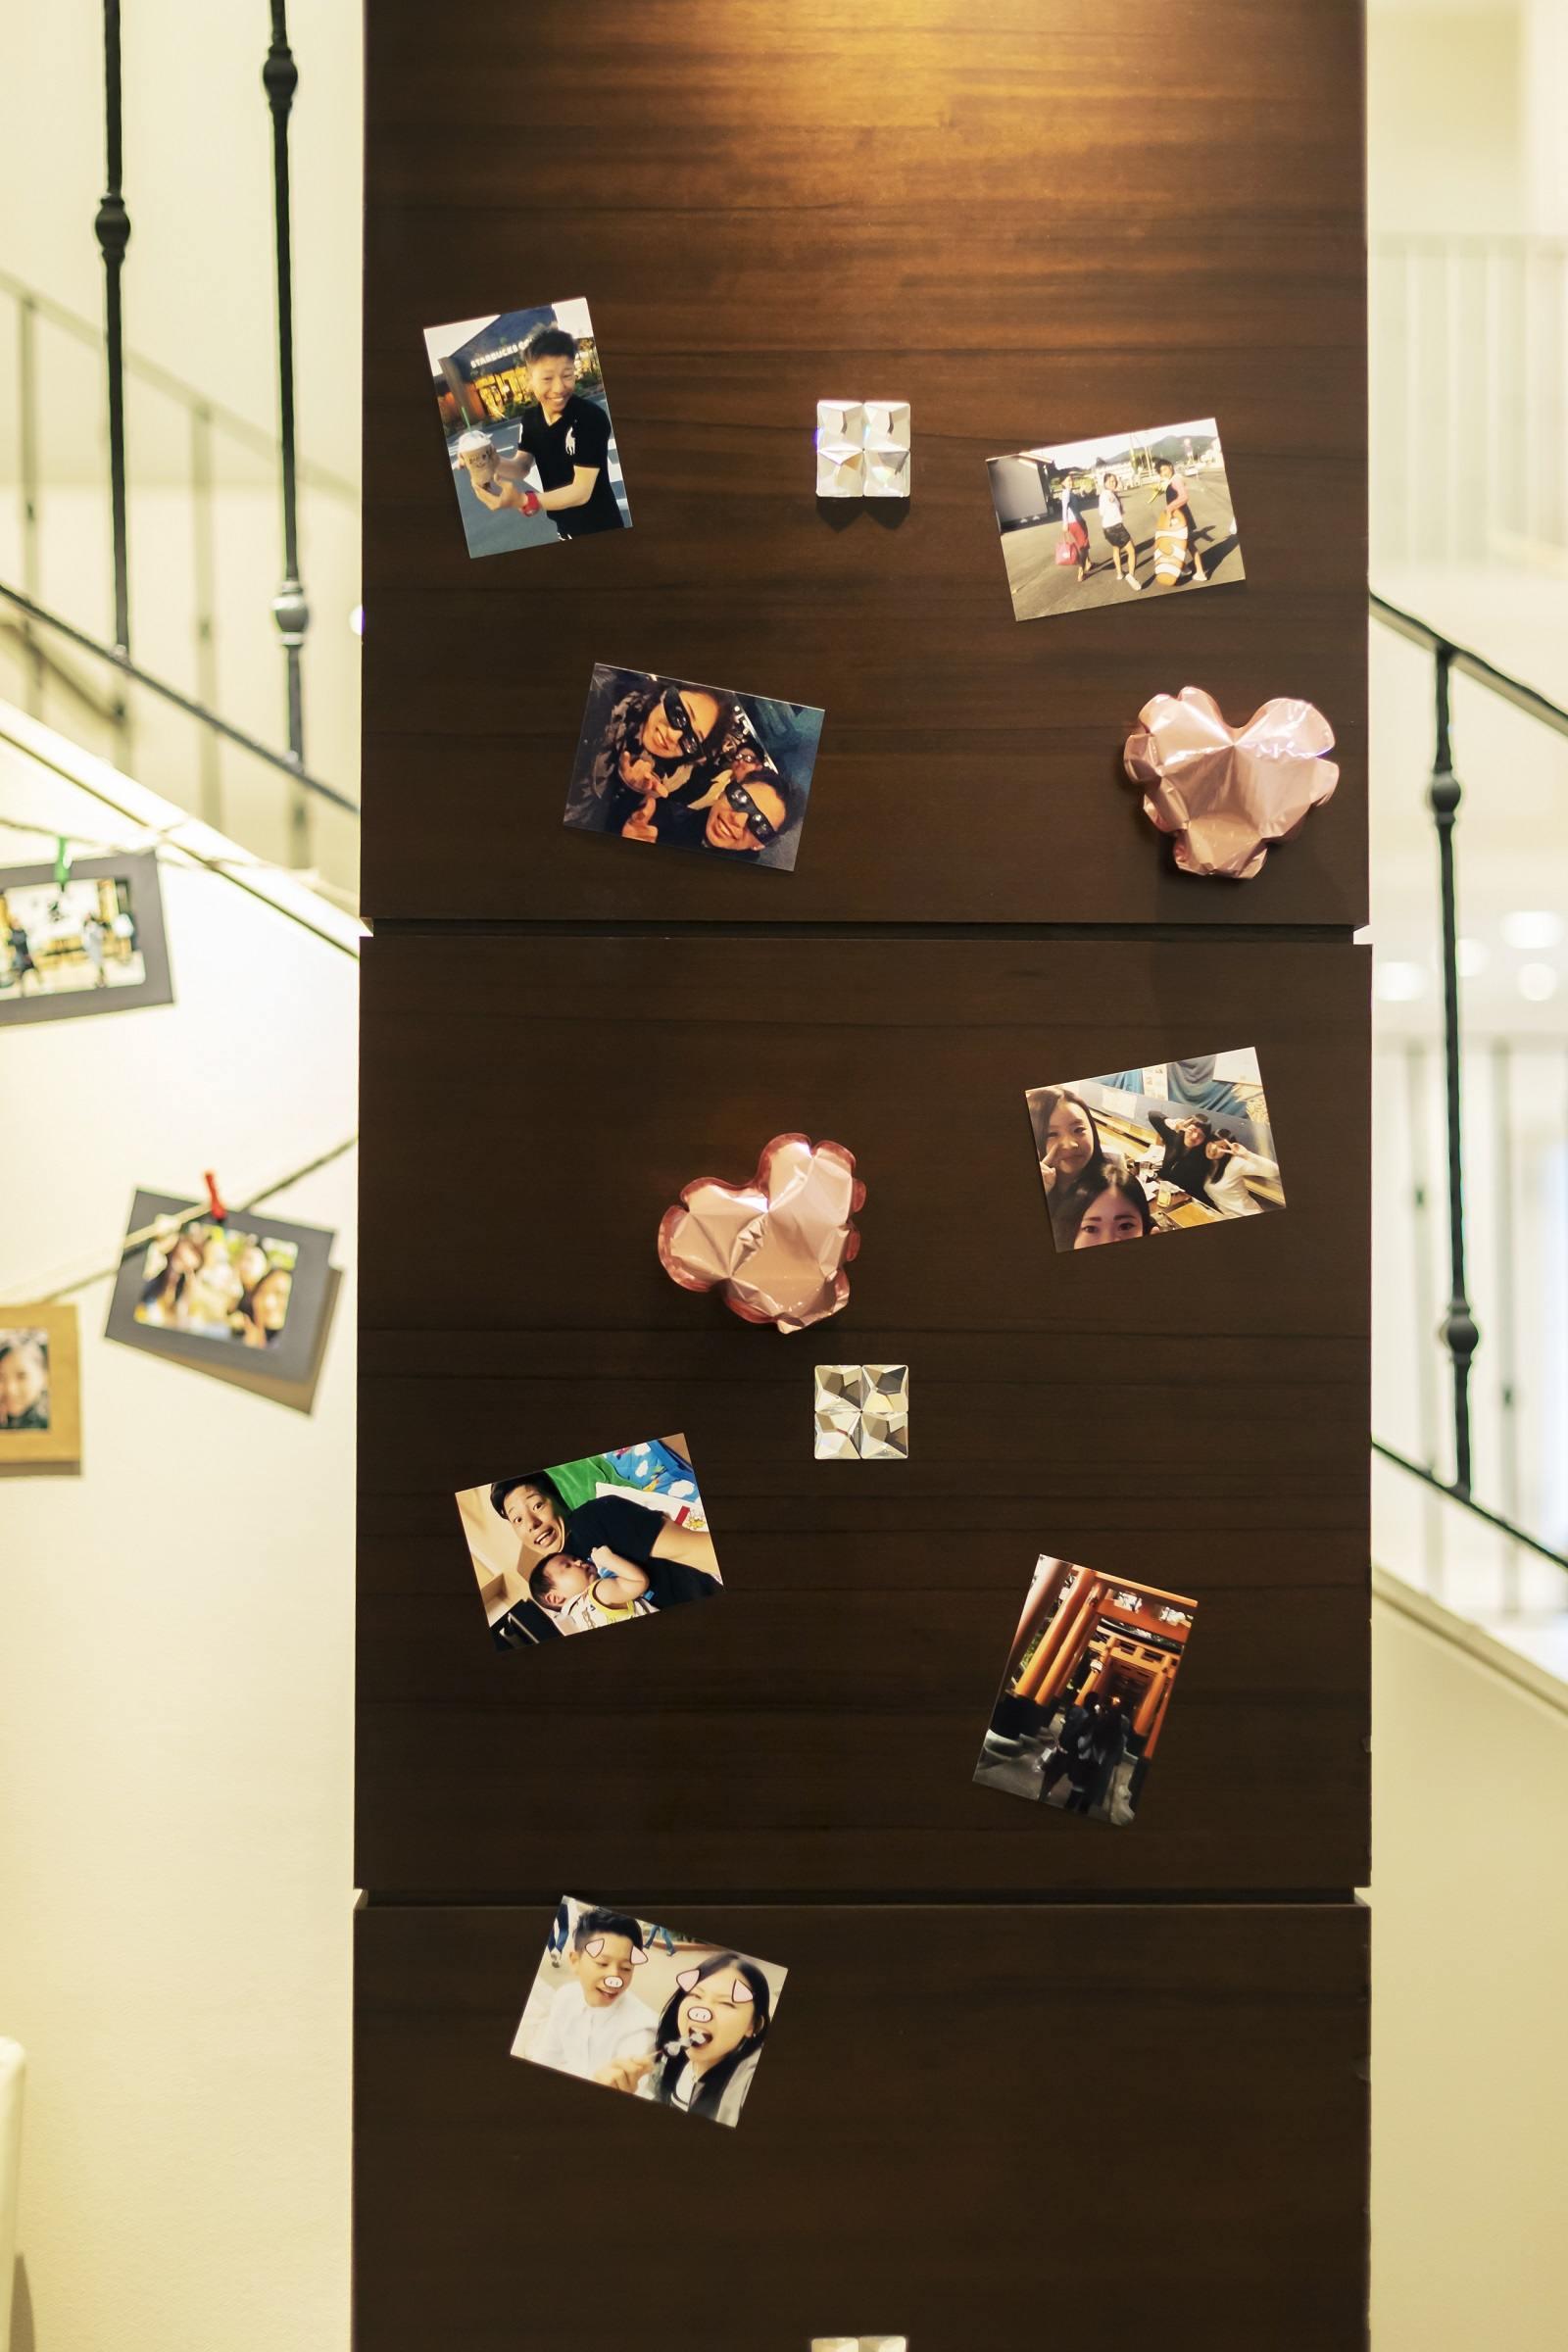 香川県高松市の小さな結婚式相談カウンターマリマリコンシェルジュのご紹介式場 シェルエメールで二人の思い出写真を展示